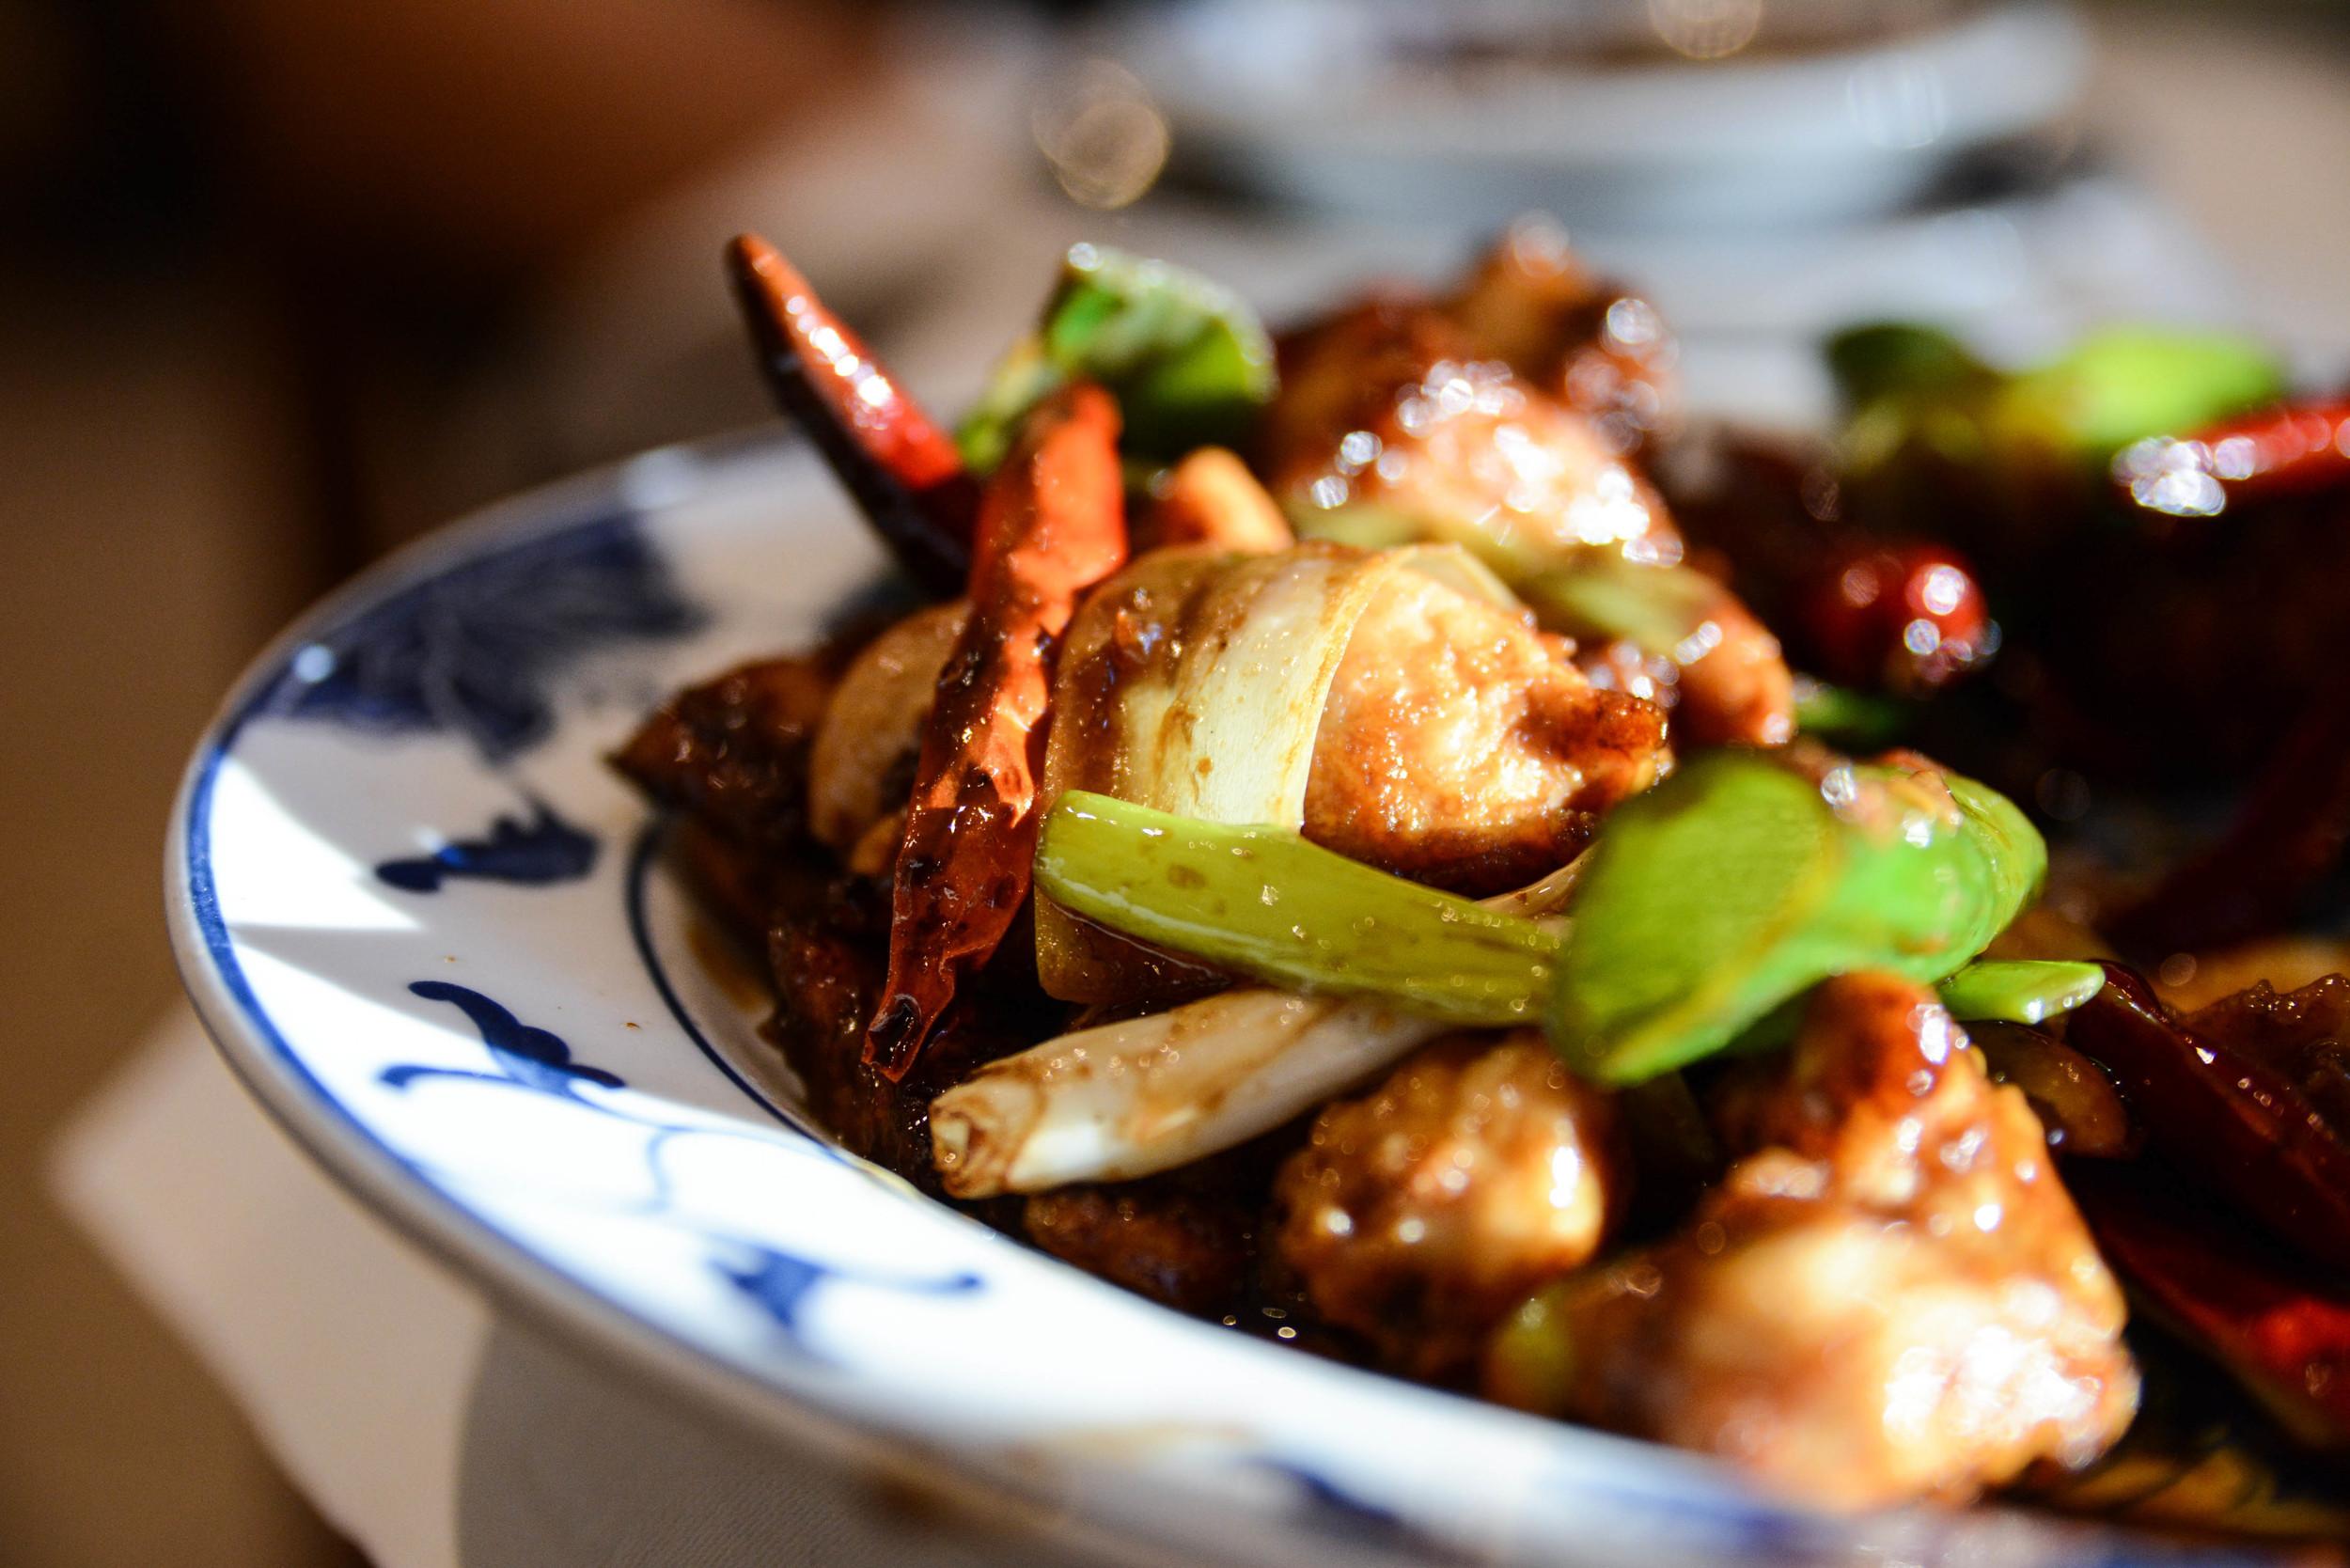 Peking_Restaurant_Cambridge_SzechuanChicken.jpg